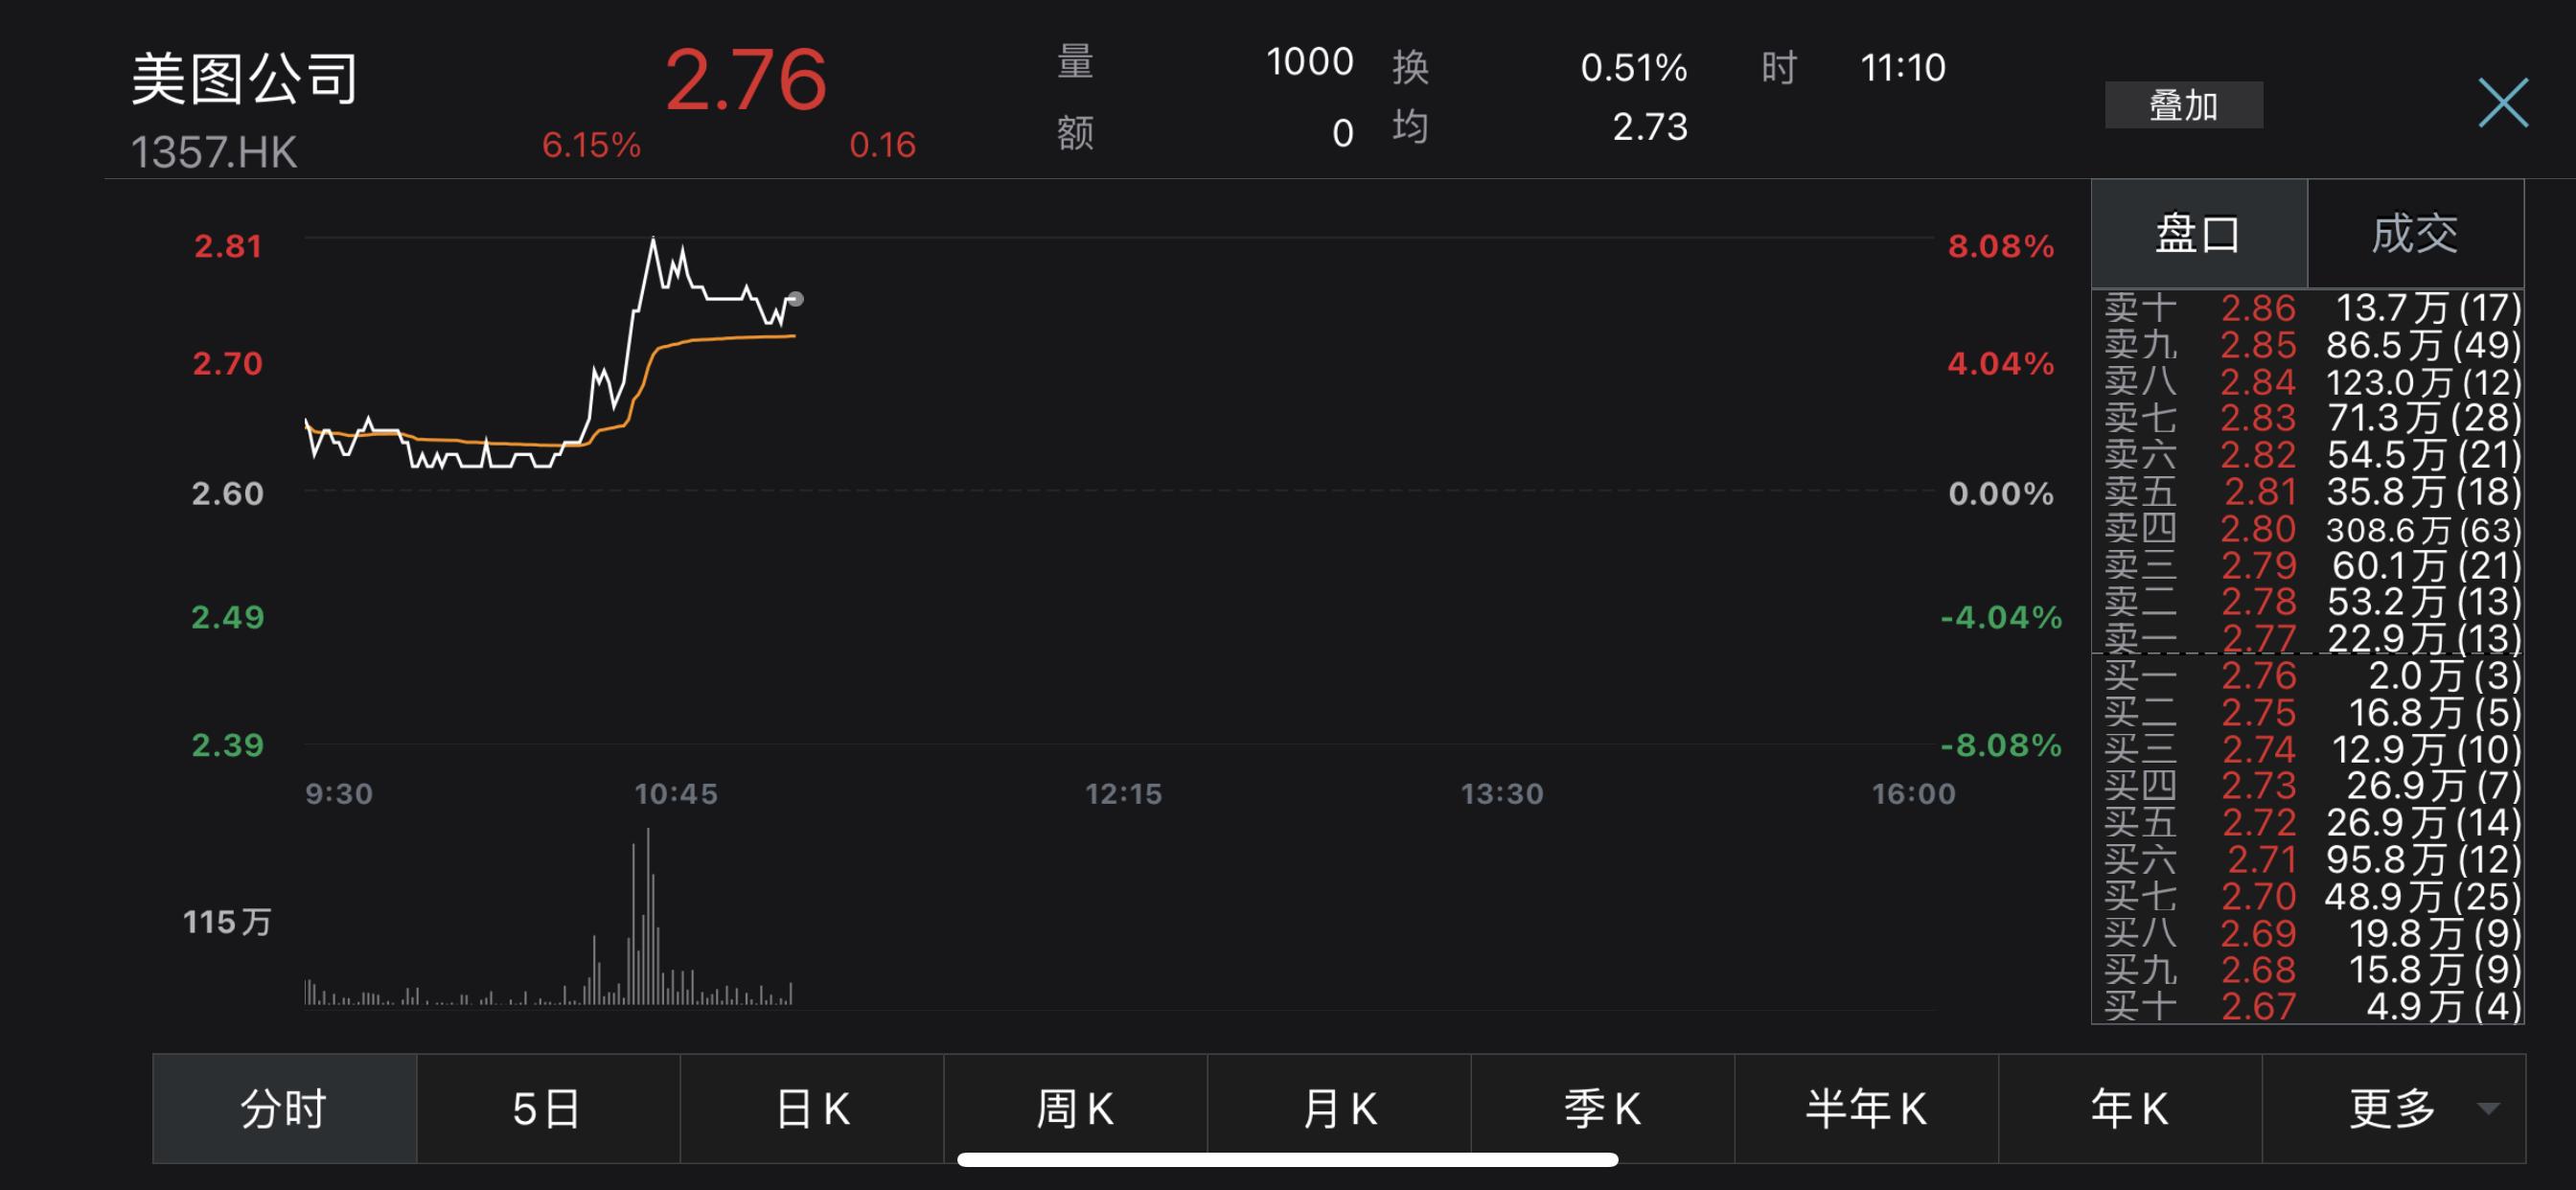 美图股价盘中涨超8% 再斥资1千万美元购买加密货币